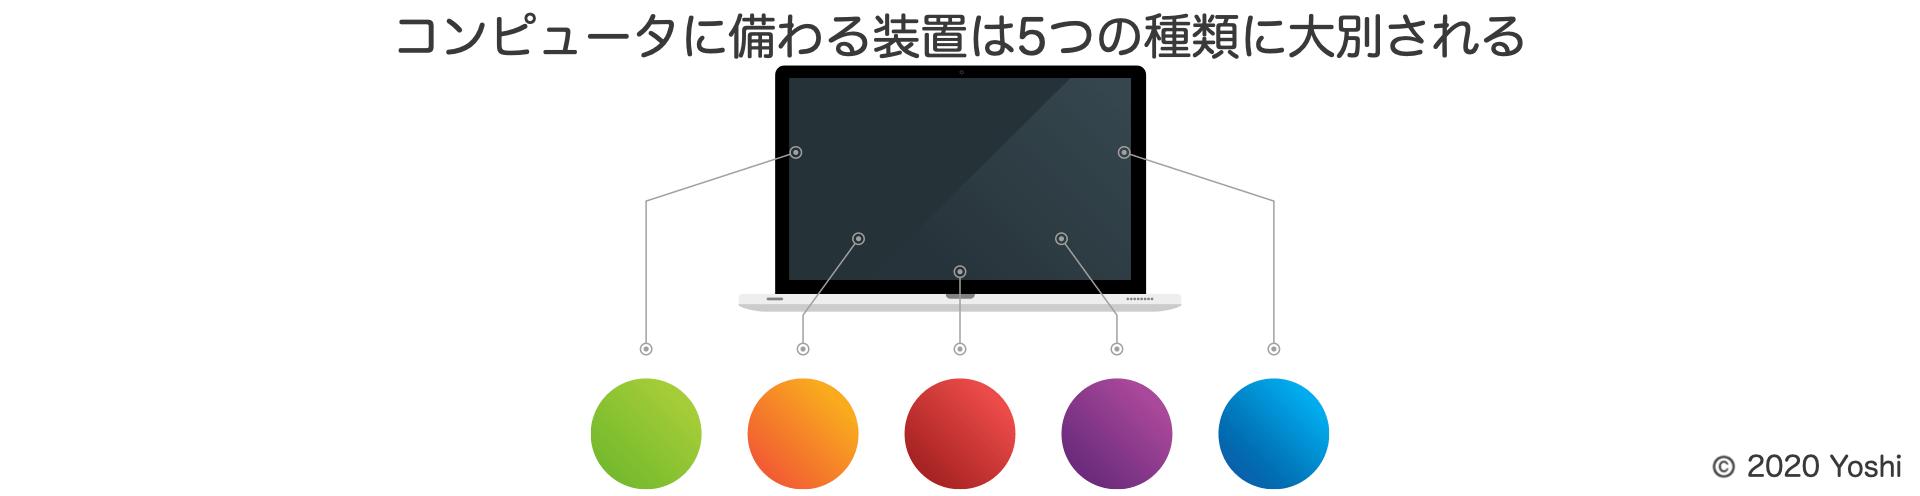 コンピューターの装置は5つの種類に大別される